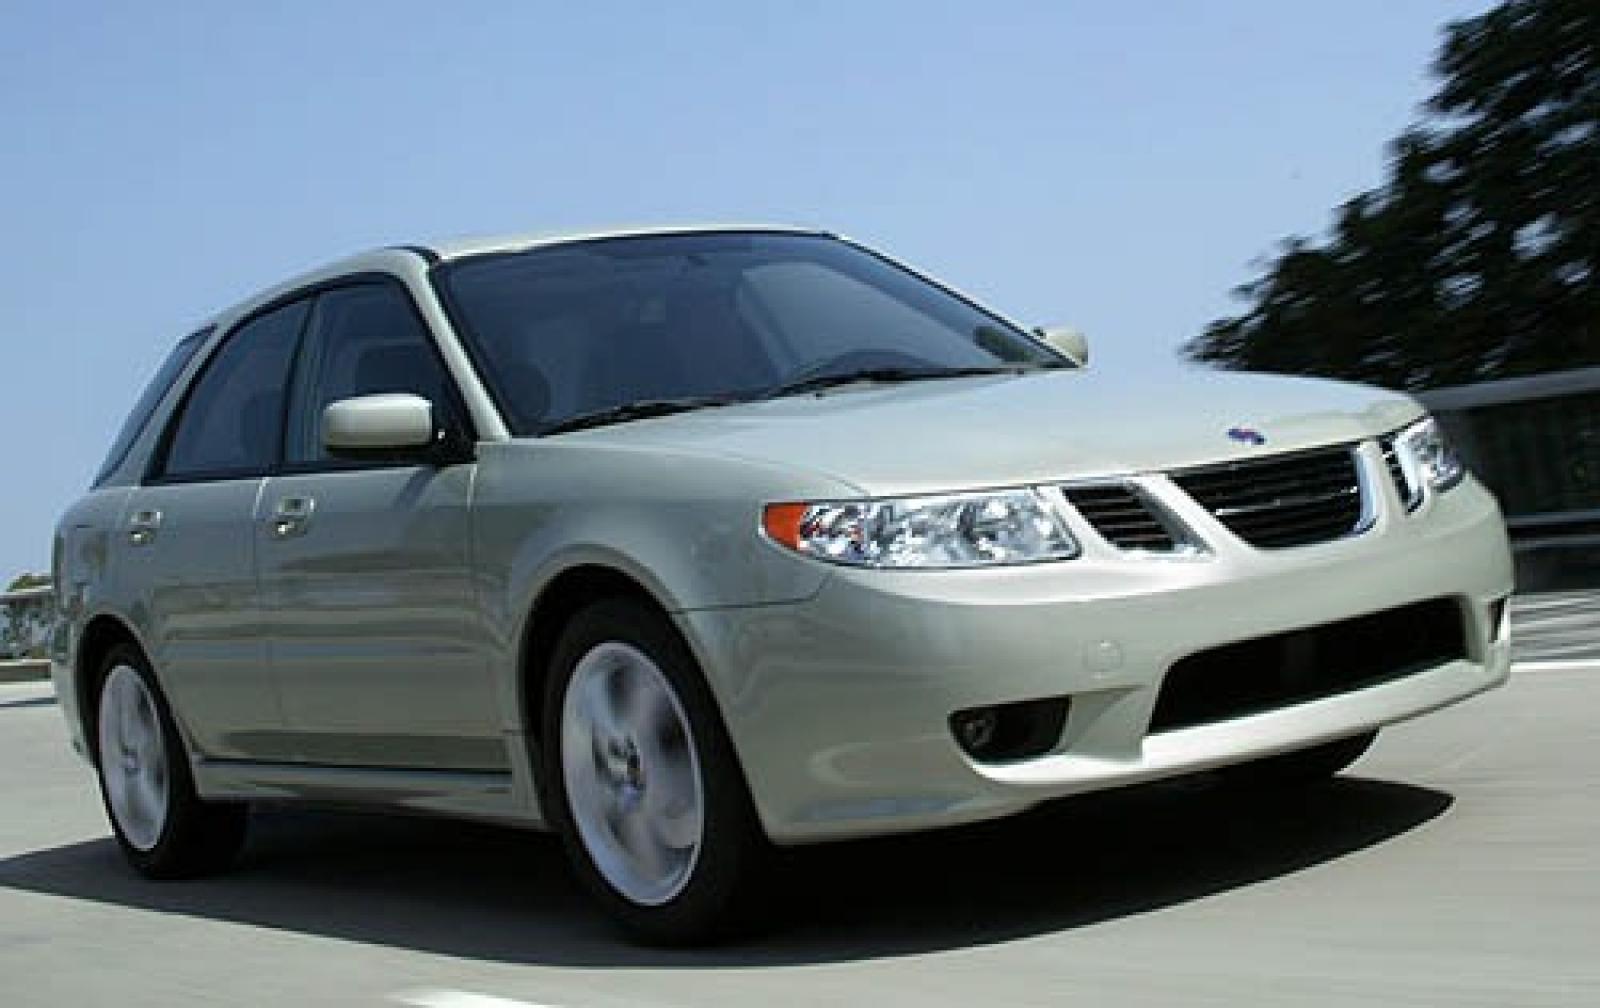 Saab 9-2X 2004 - 2006 Station wagon 5 door #5